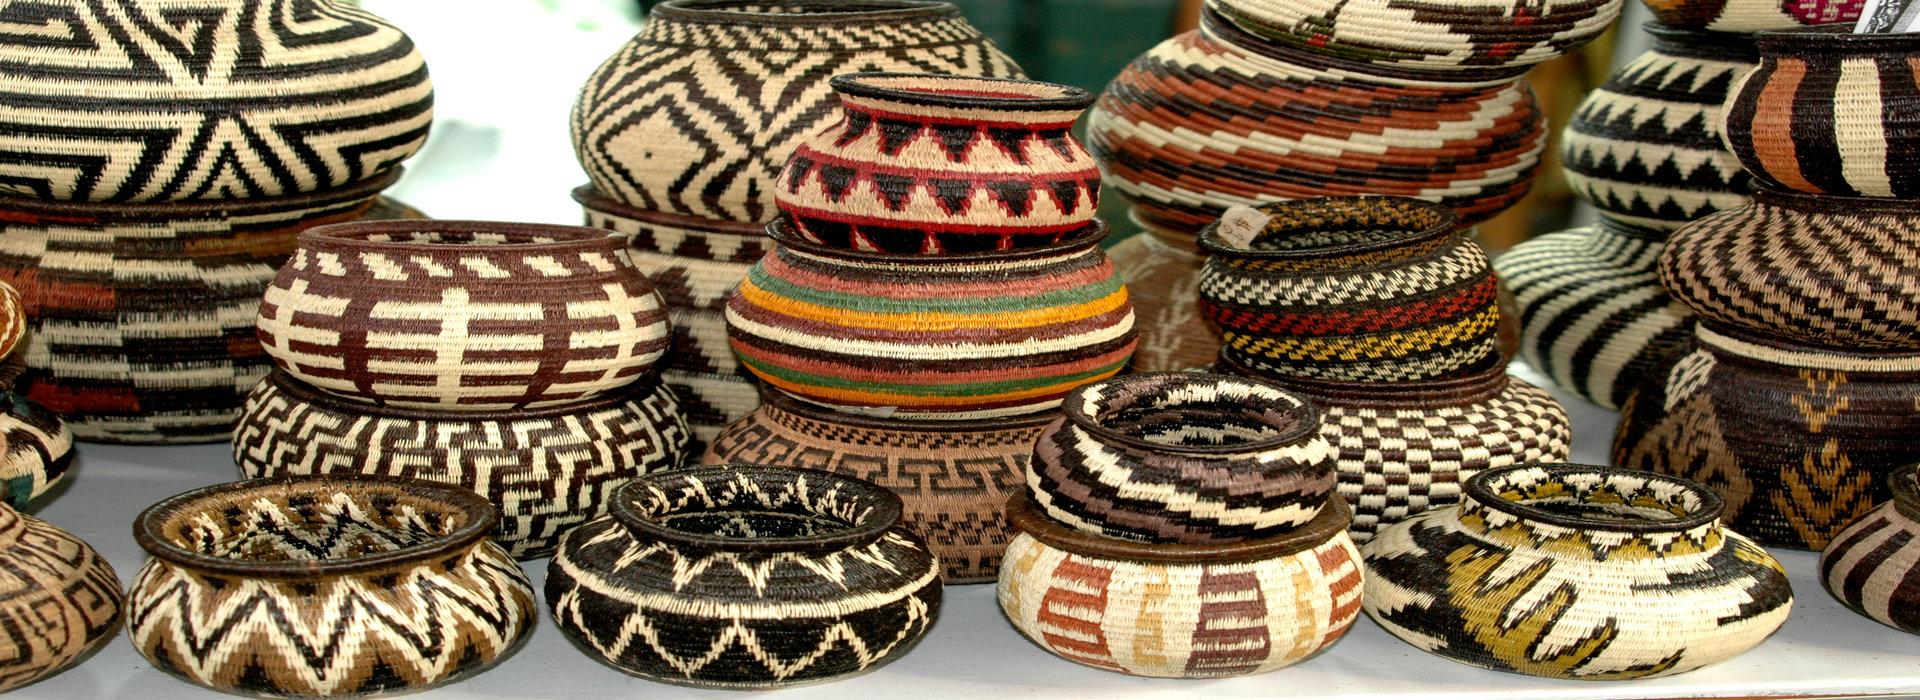 panama_embera_indian_woven_baskets